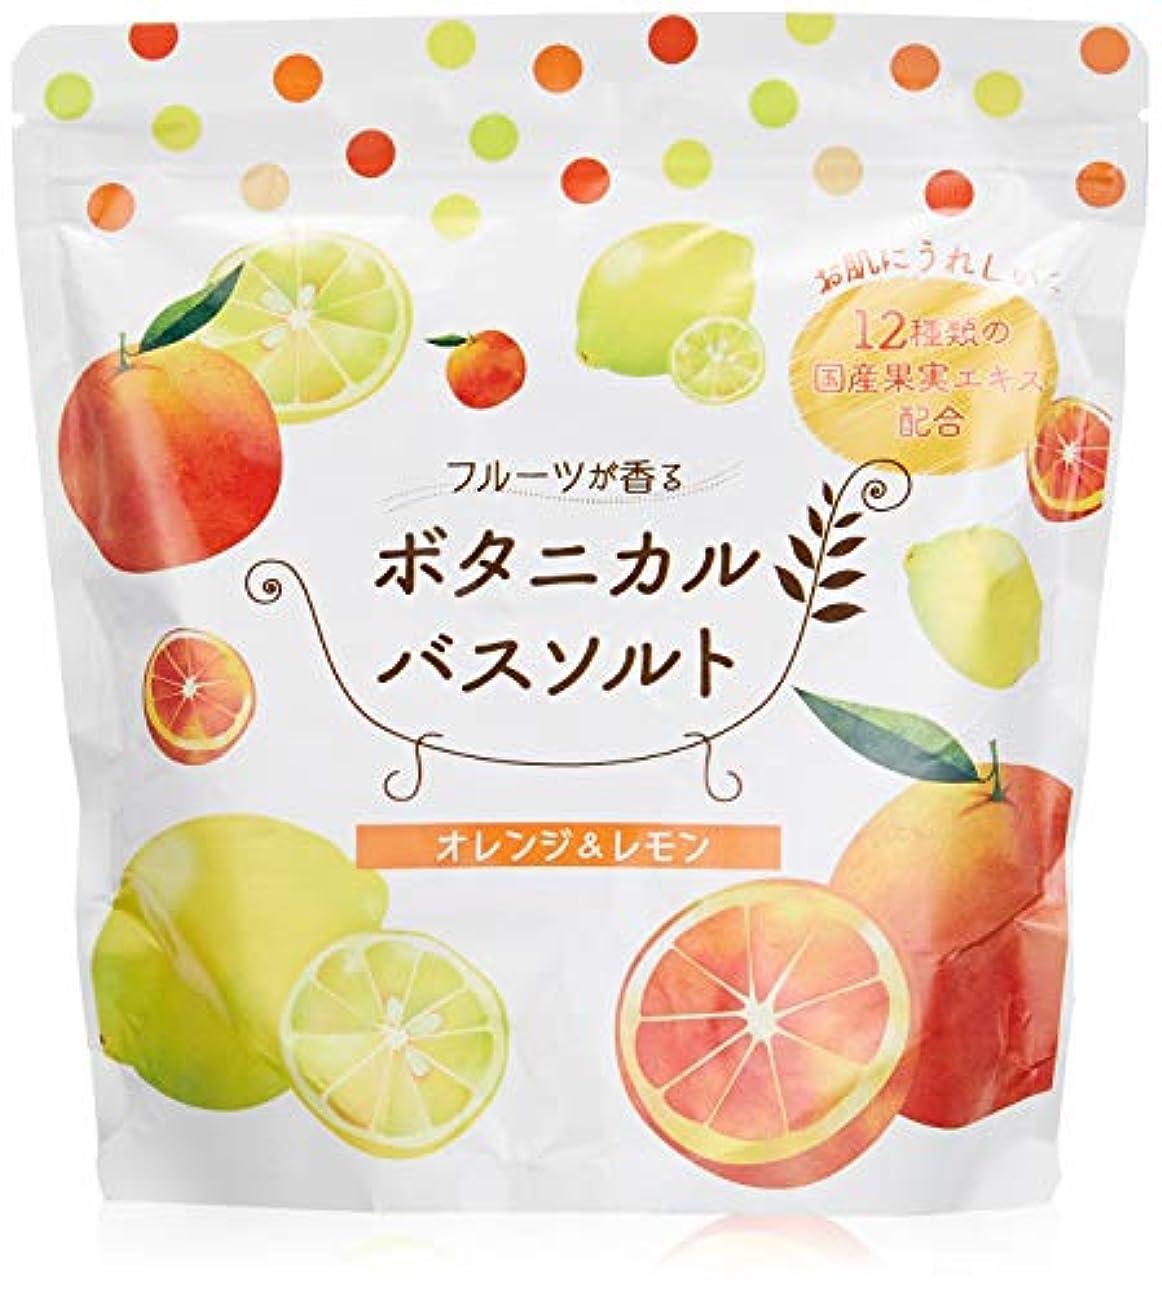 焦げ捕虜価格松田医薬品 フルーツが香るボタニカルバスソルト オレンジ&レモン 450g